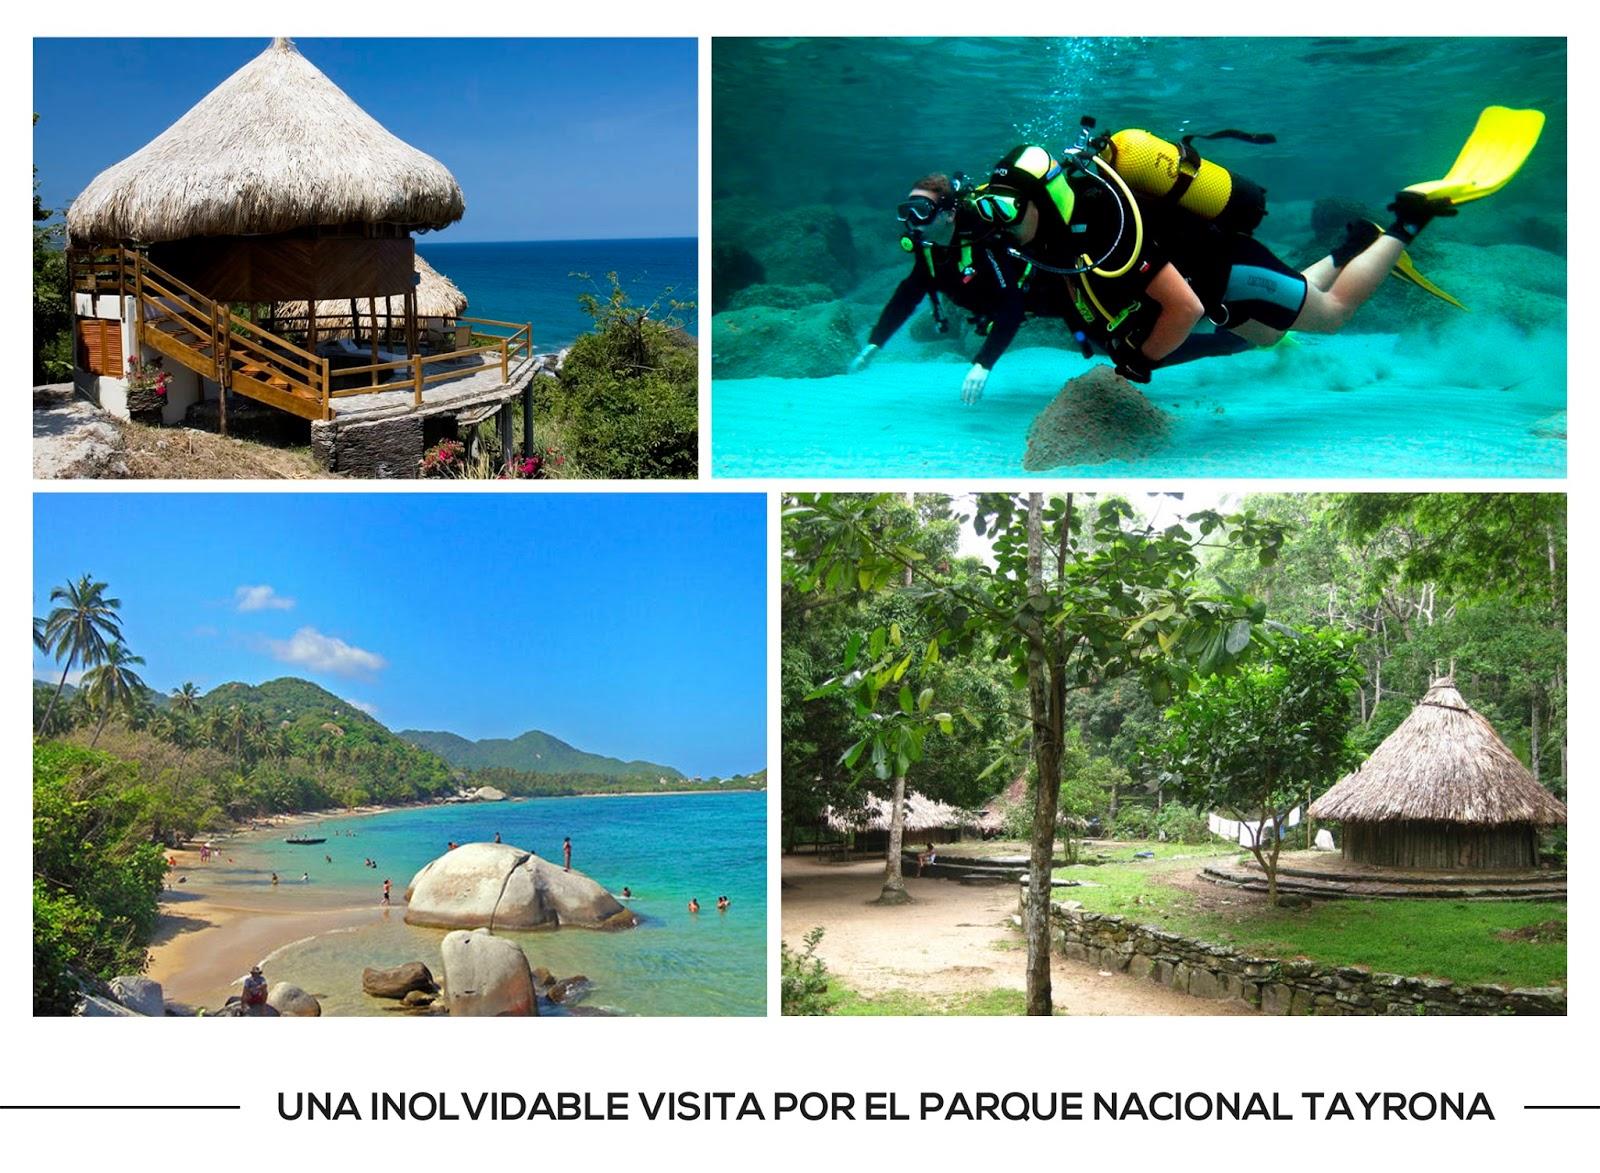 Una inolvidable visita por el Parque Nacional Tayrona. | COOVAECO ...